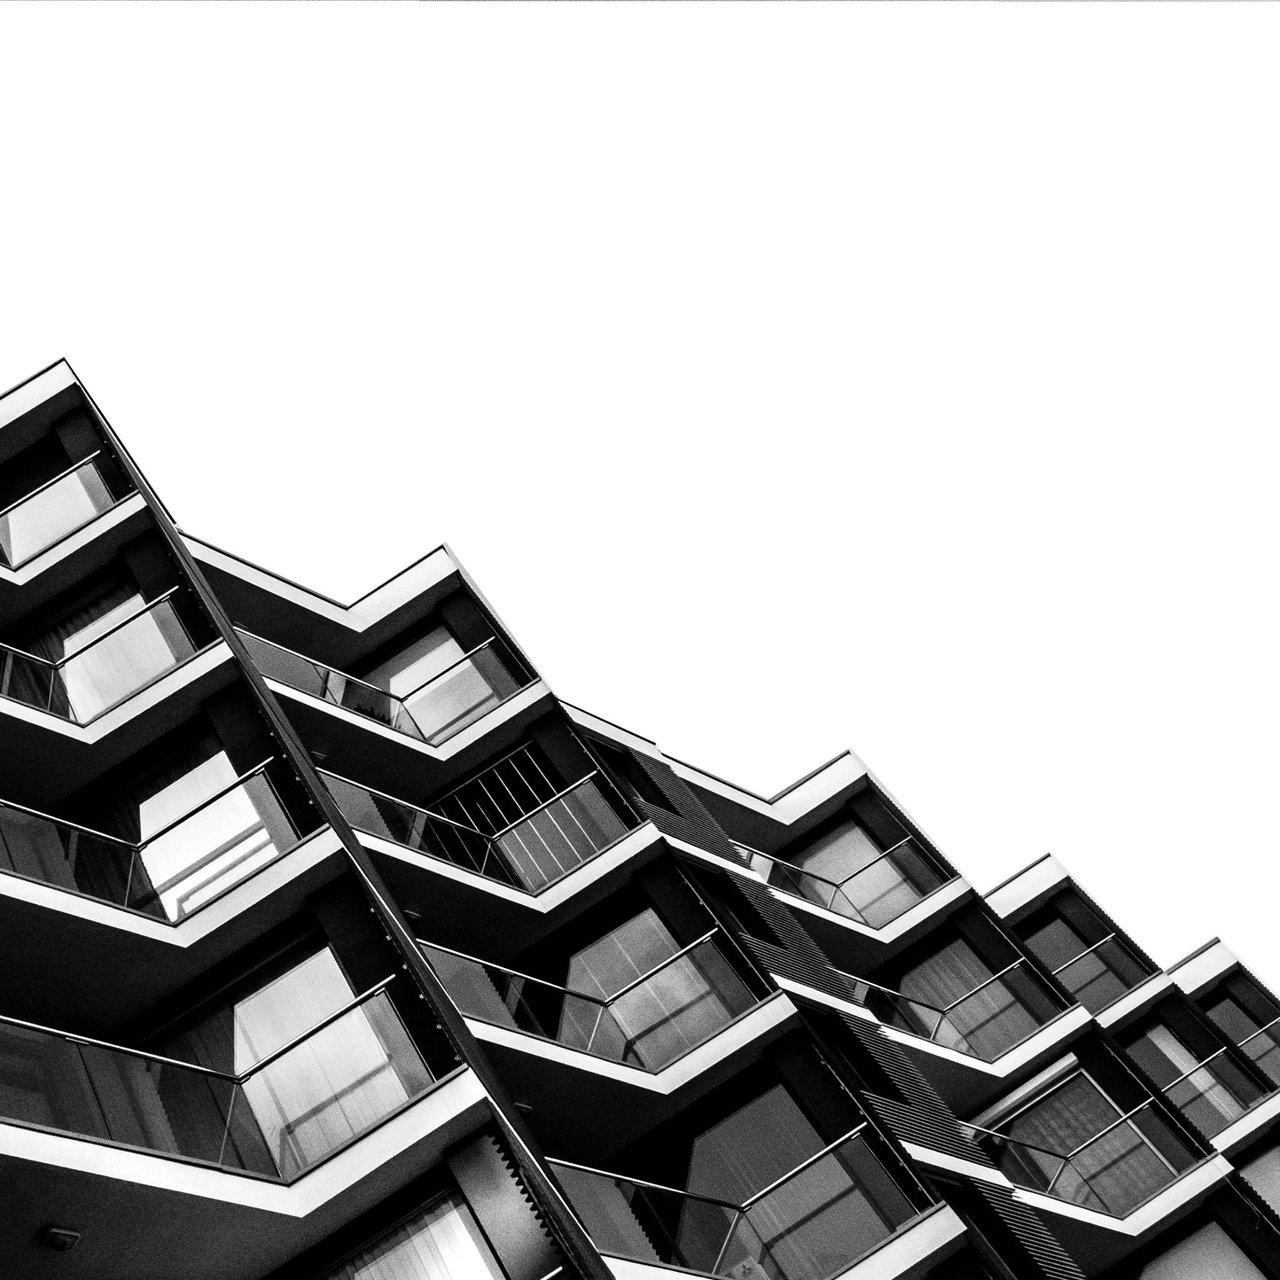 Sofia architecture 2017 photo forum for Architecture 2017